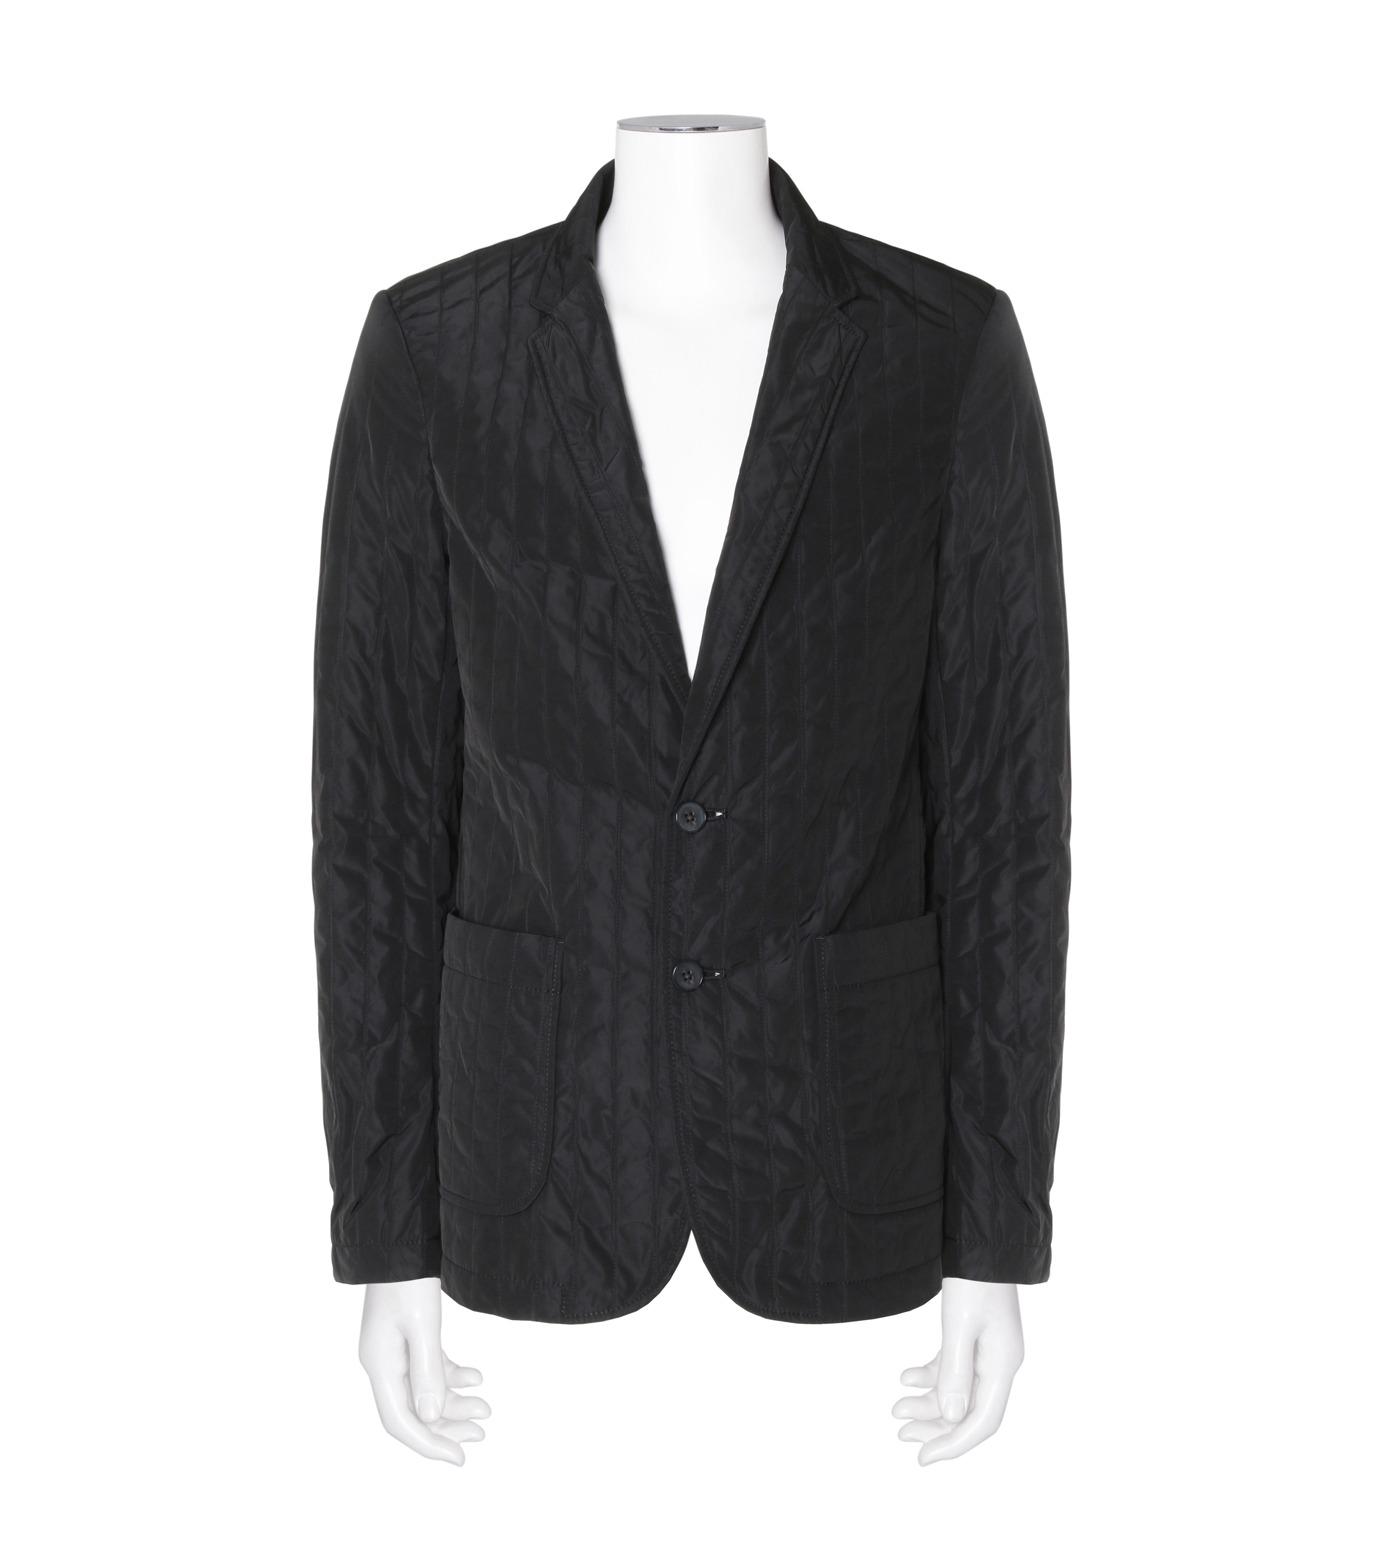 DRESSEDUNDRESSED(ドレスドアンドレスド)のStripe Quilted Blazer-BLACK(ジャケット/jacket)-DUW16402-13 拡大詳細画像1